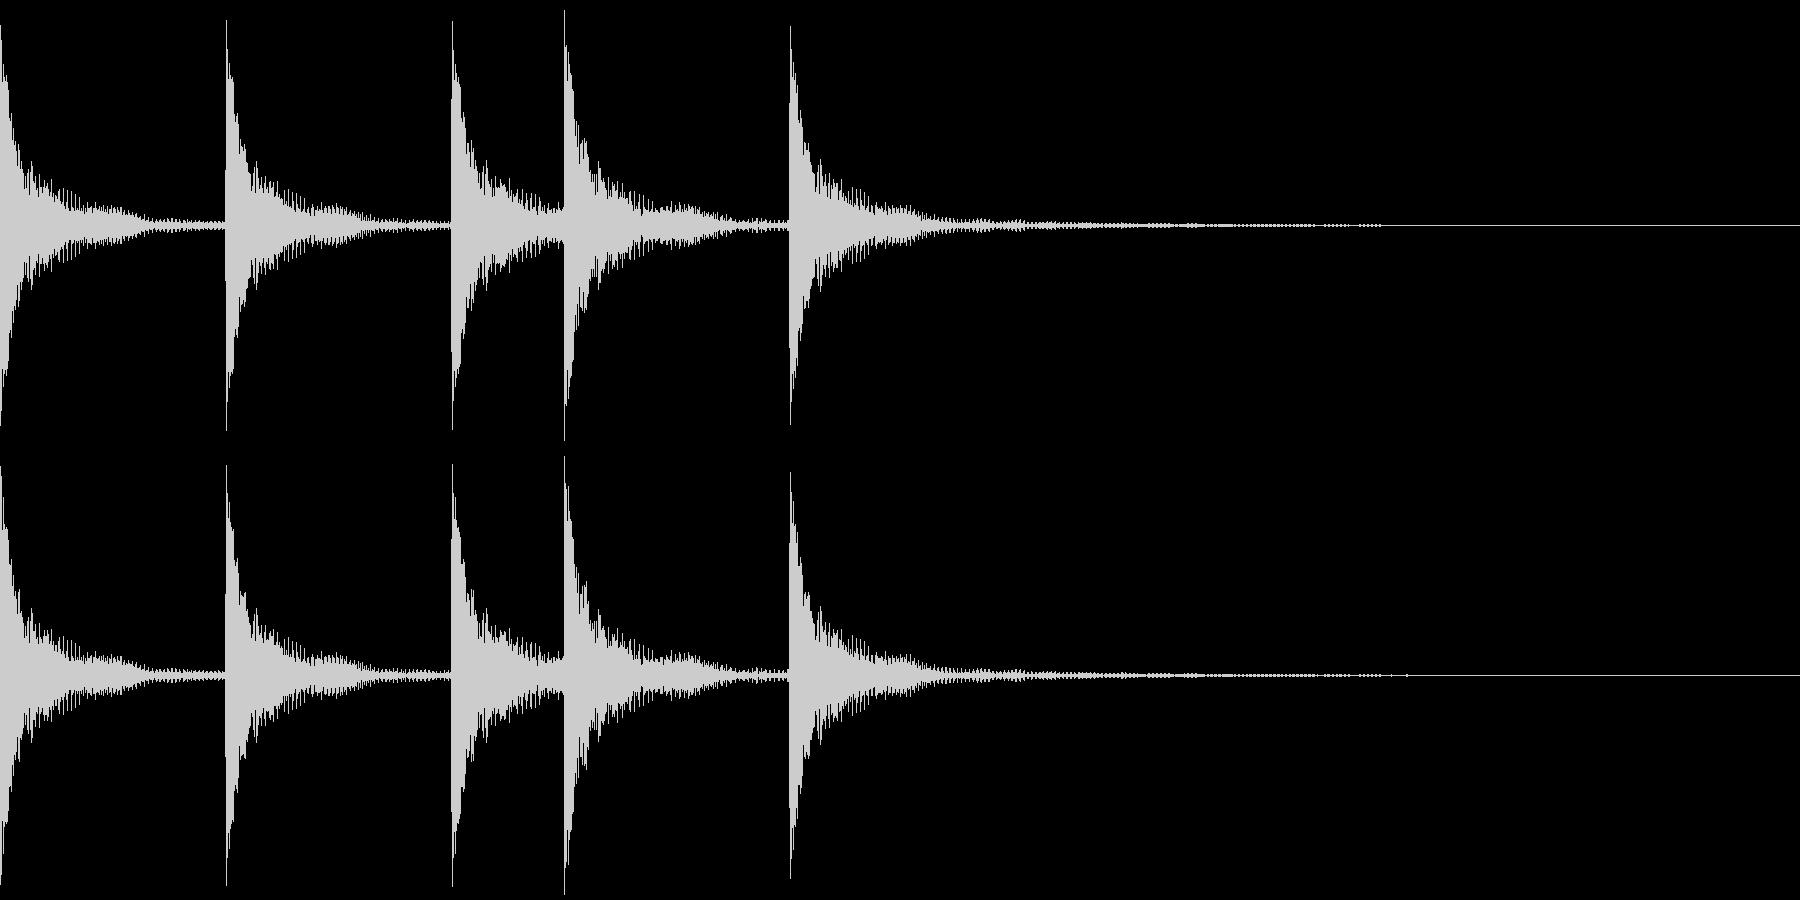 シンプルなジングルその5の未再生の波形